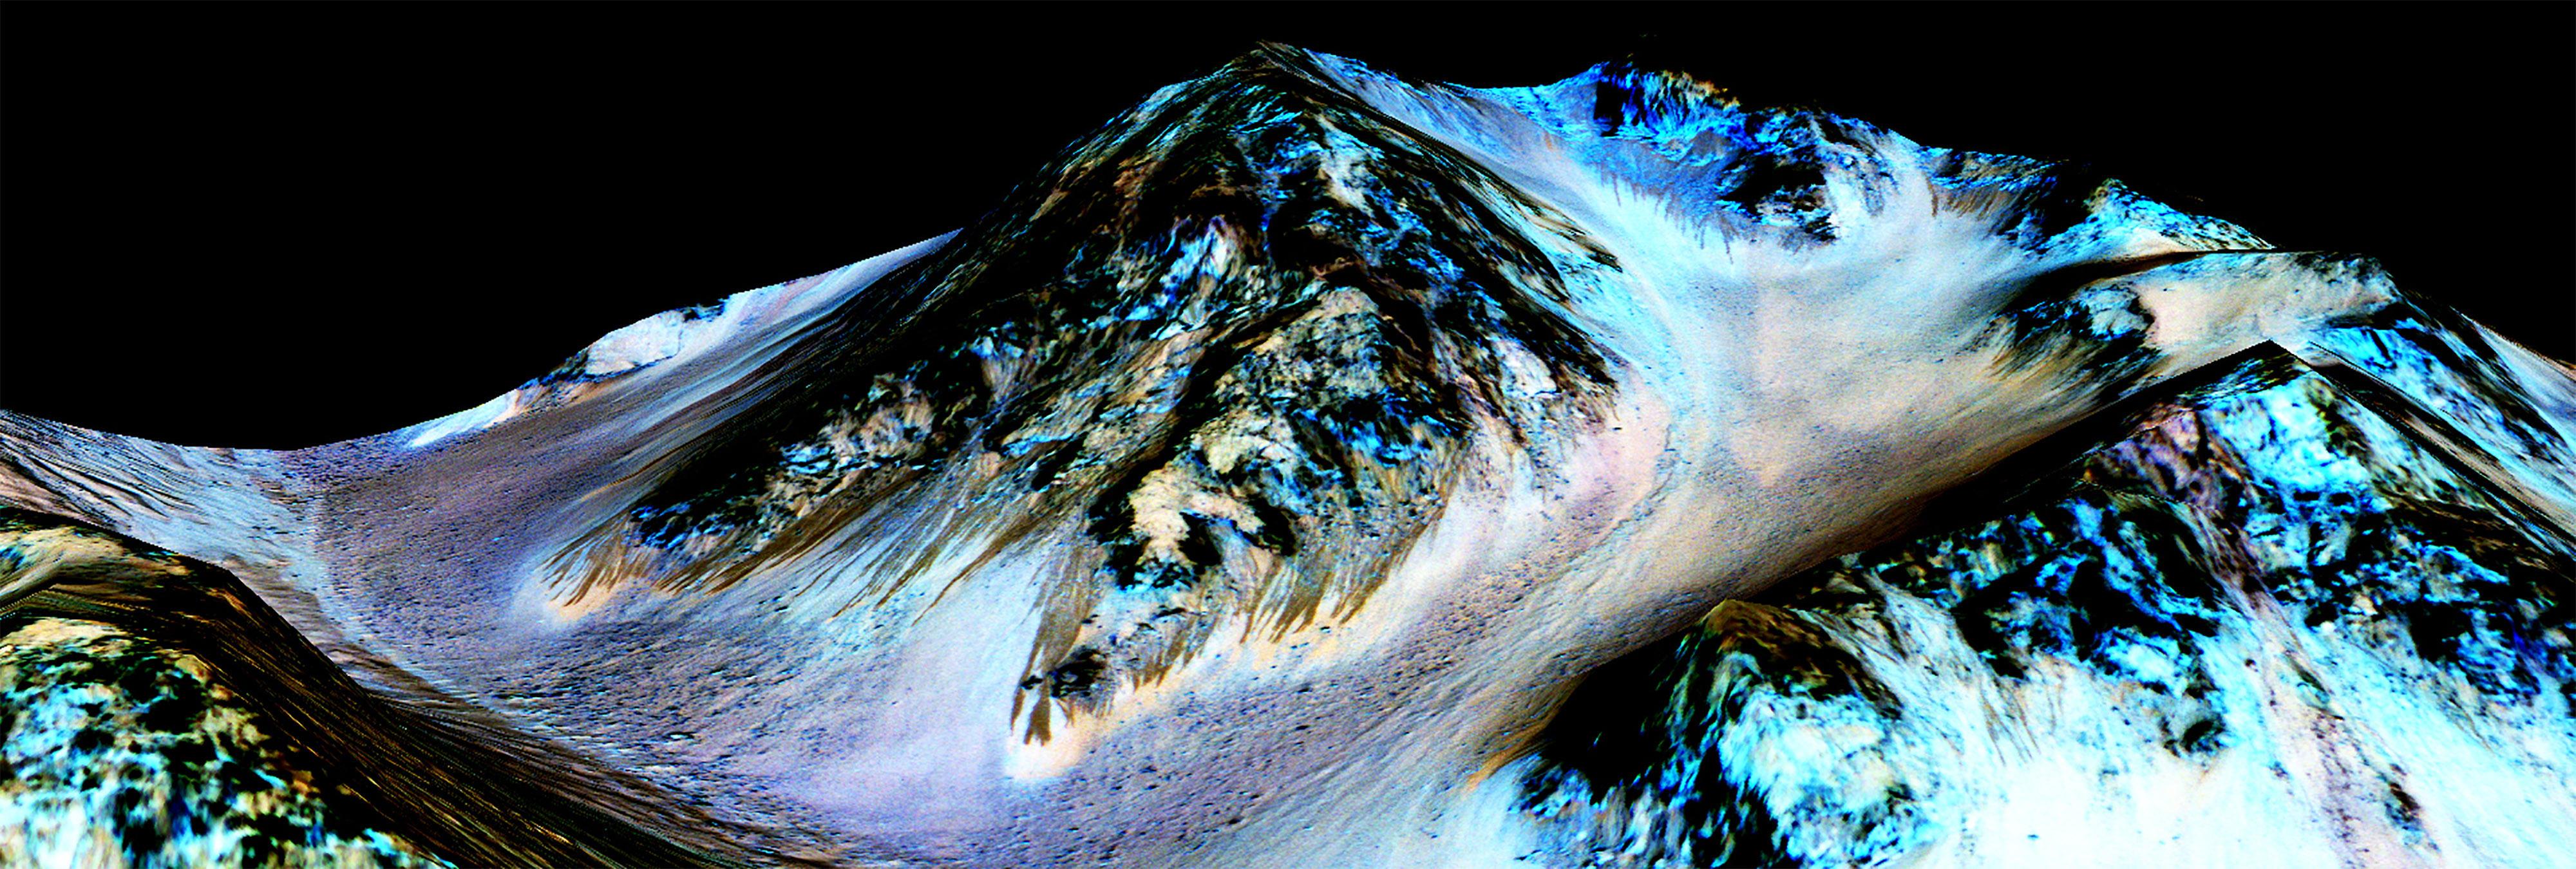 El hallazgo de agua líquida en Marte, explicado